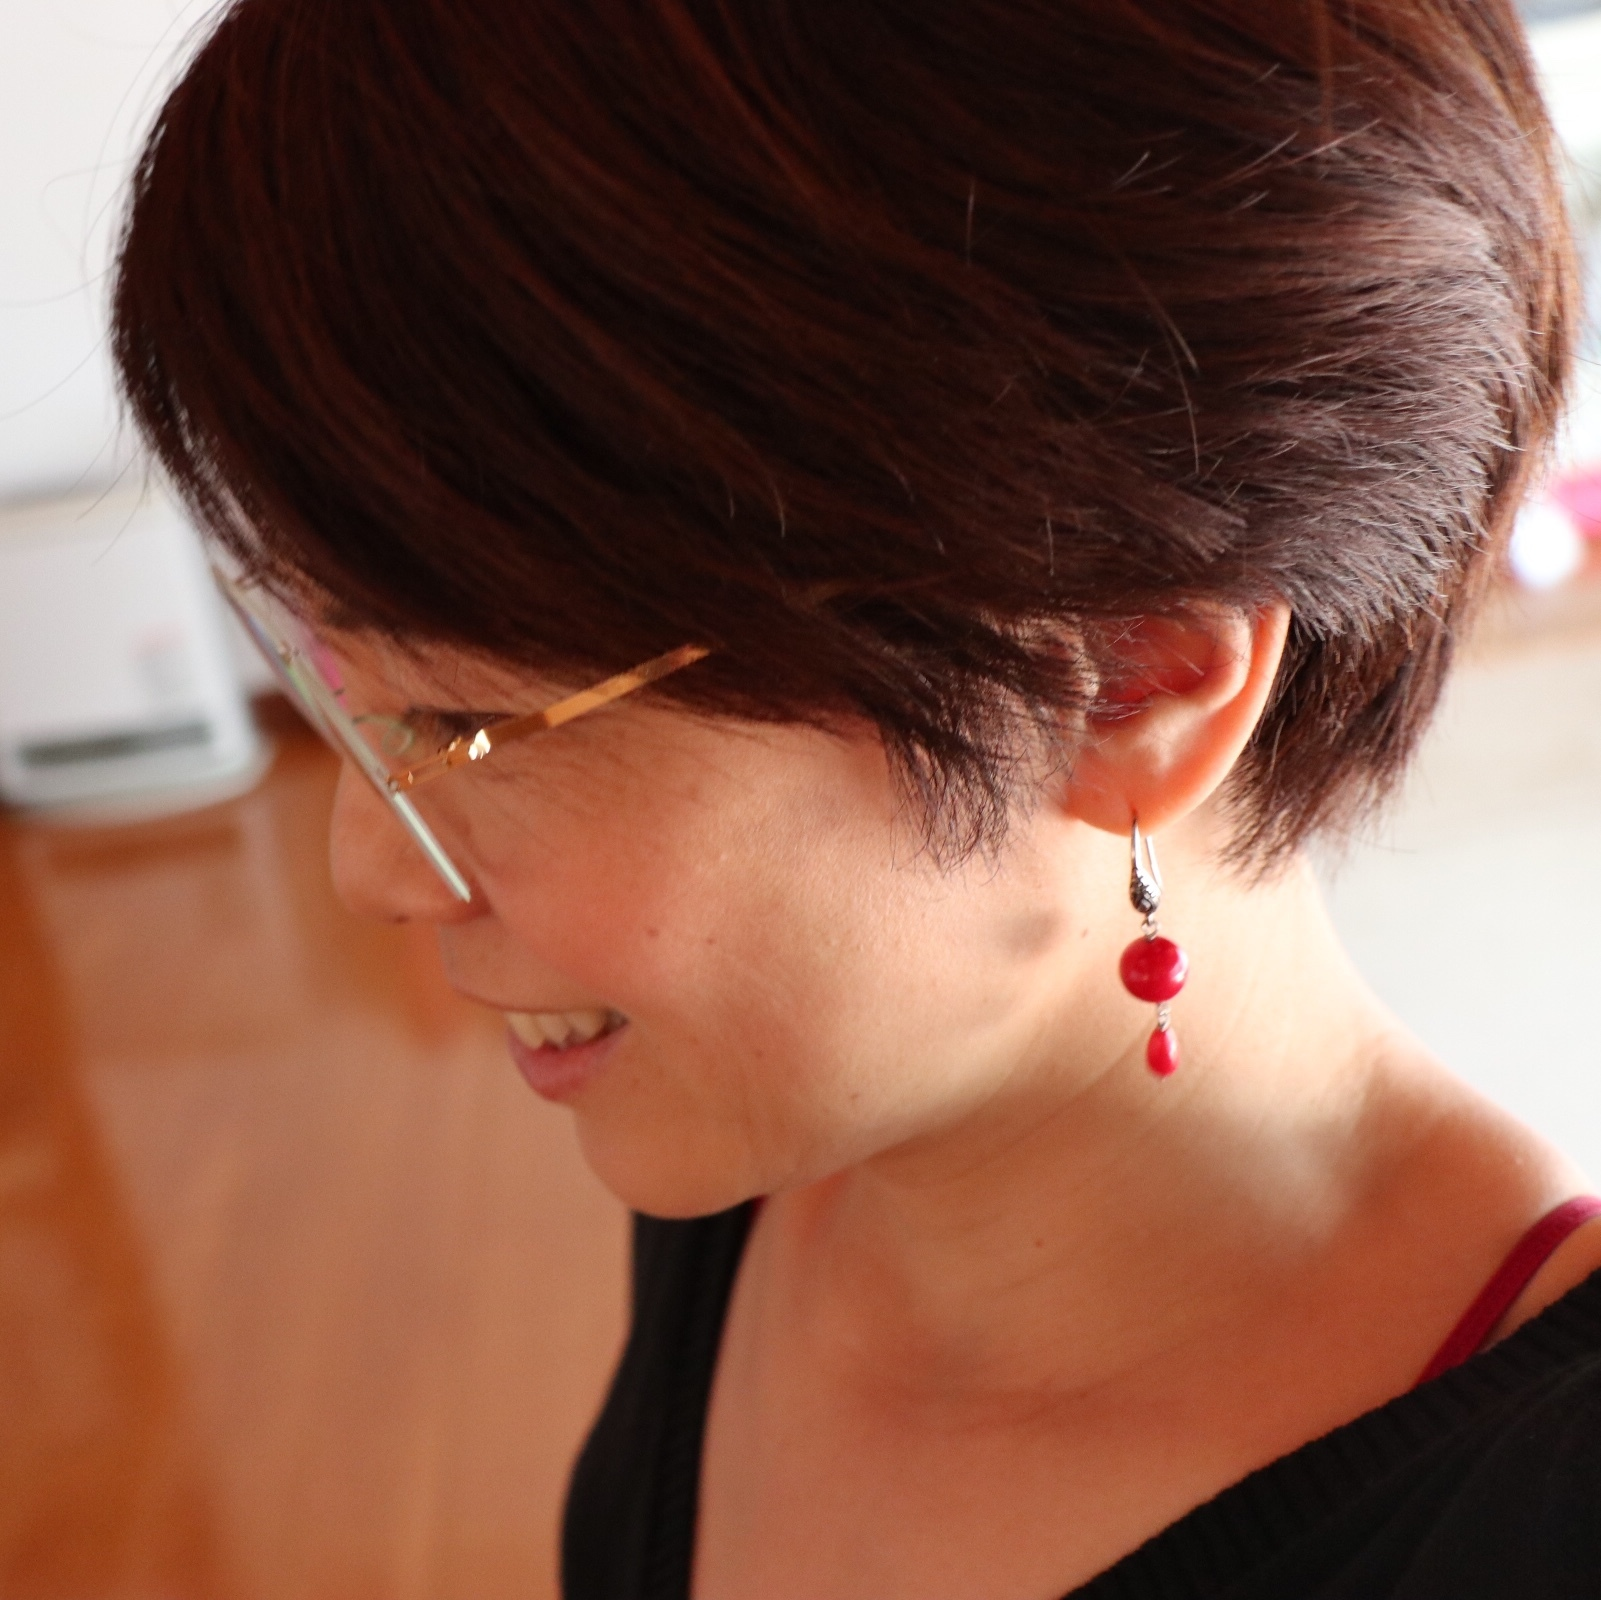 スペシャルなメガネを求めて_1_9